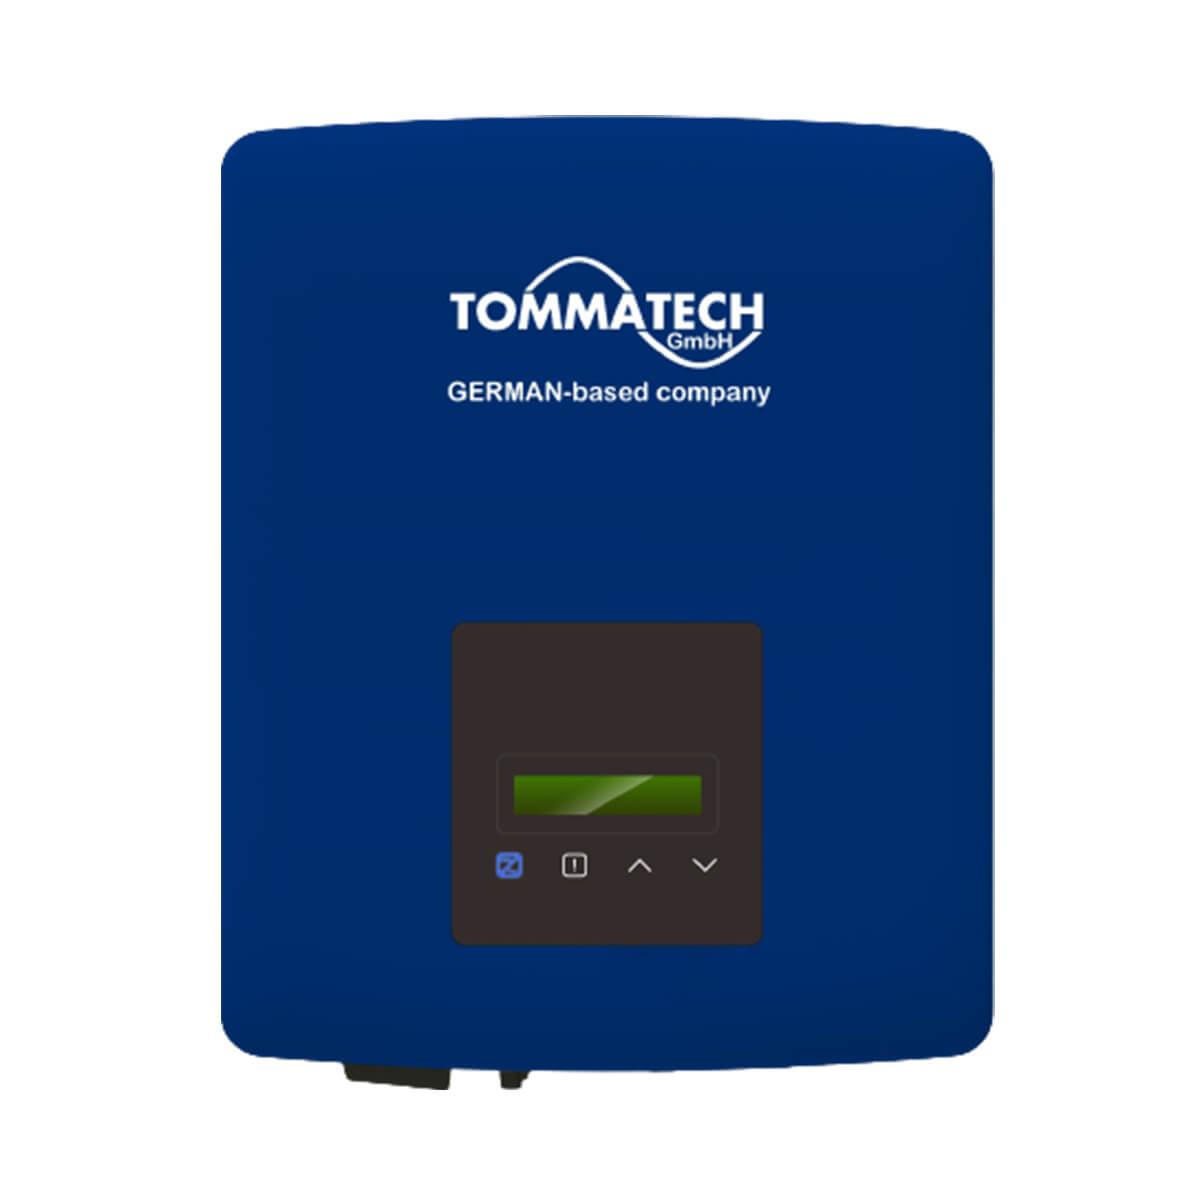 tommatech 3.3kW inverter, tommatech uno 3.3kW inverter, tommatech uno-a-3.3 inverter, tommatech uno-a-3.3, tommatech uno 3.3 kW, TOMMATECH 3.3 kW